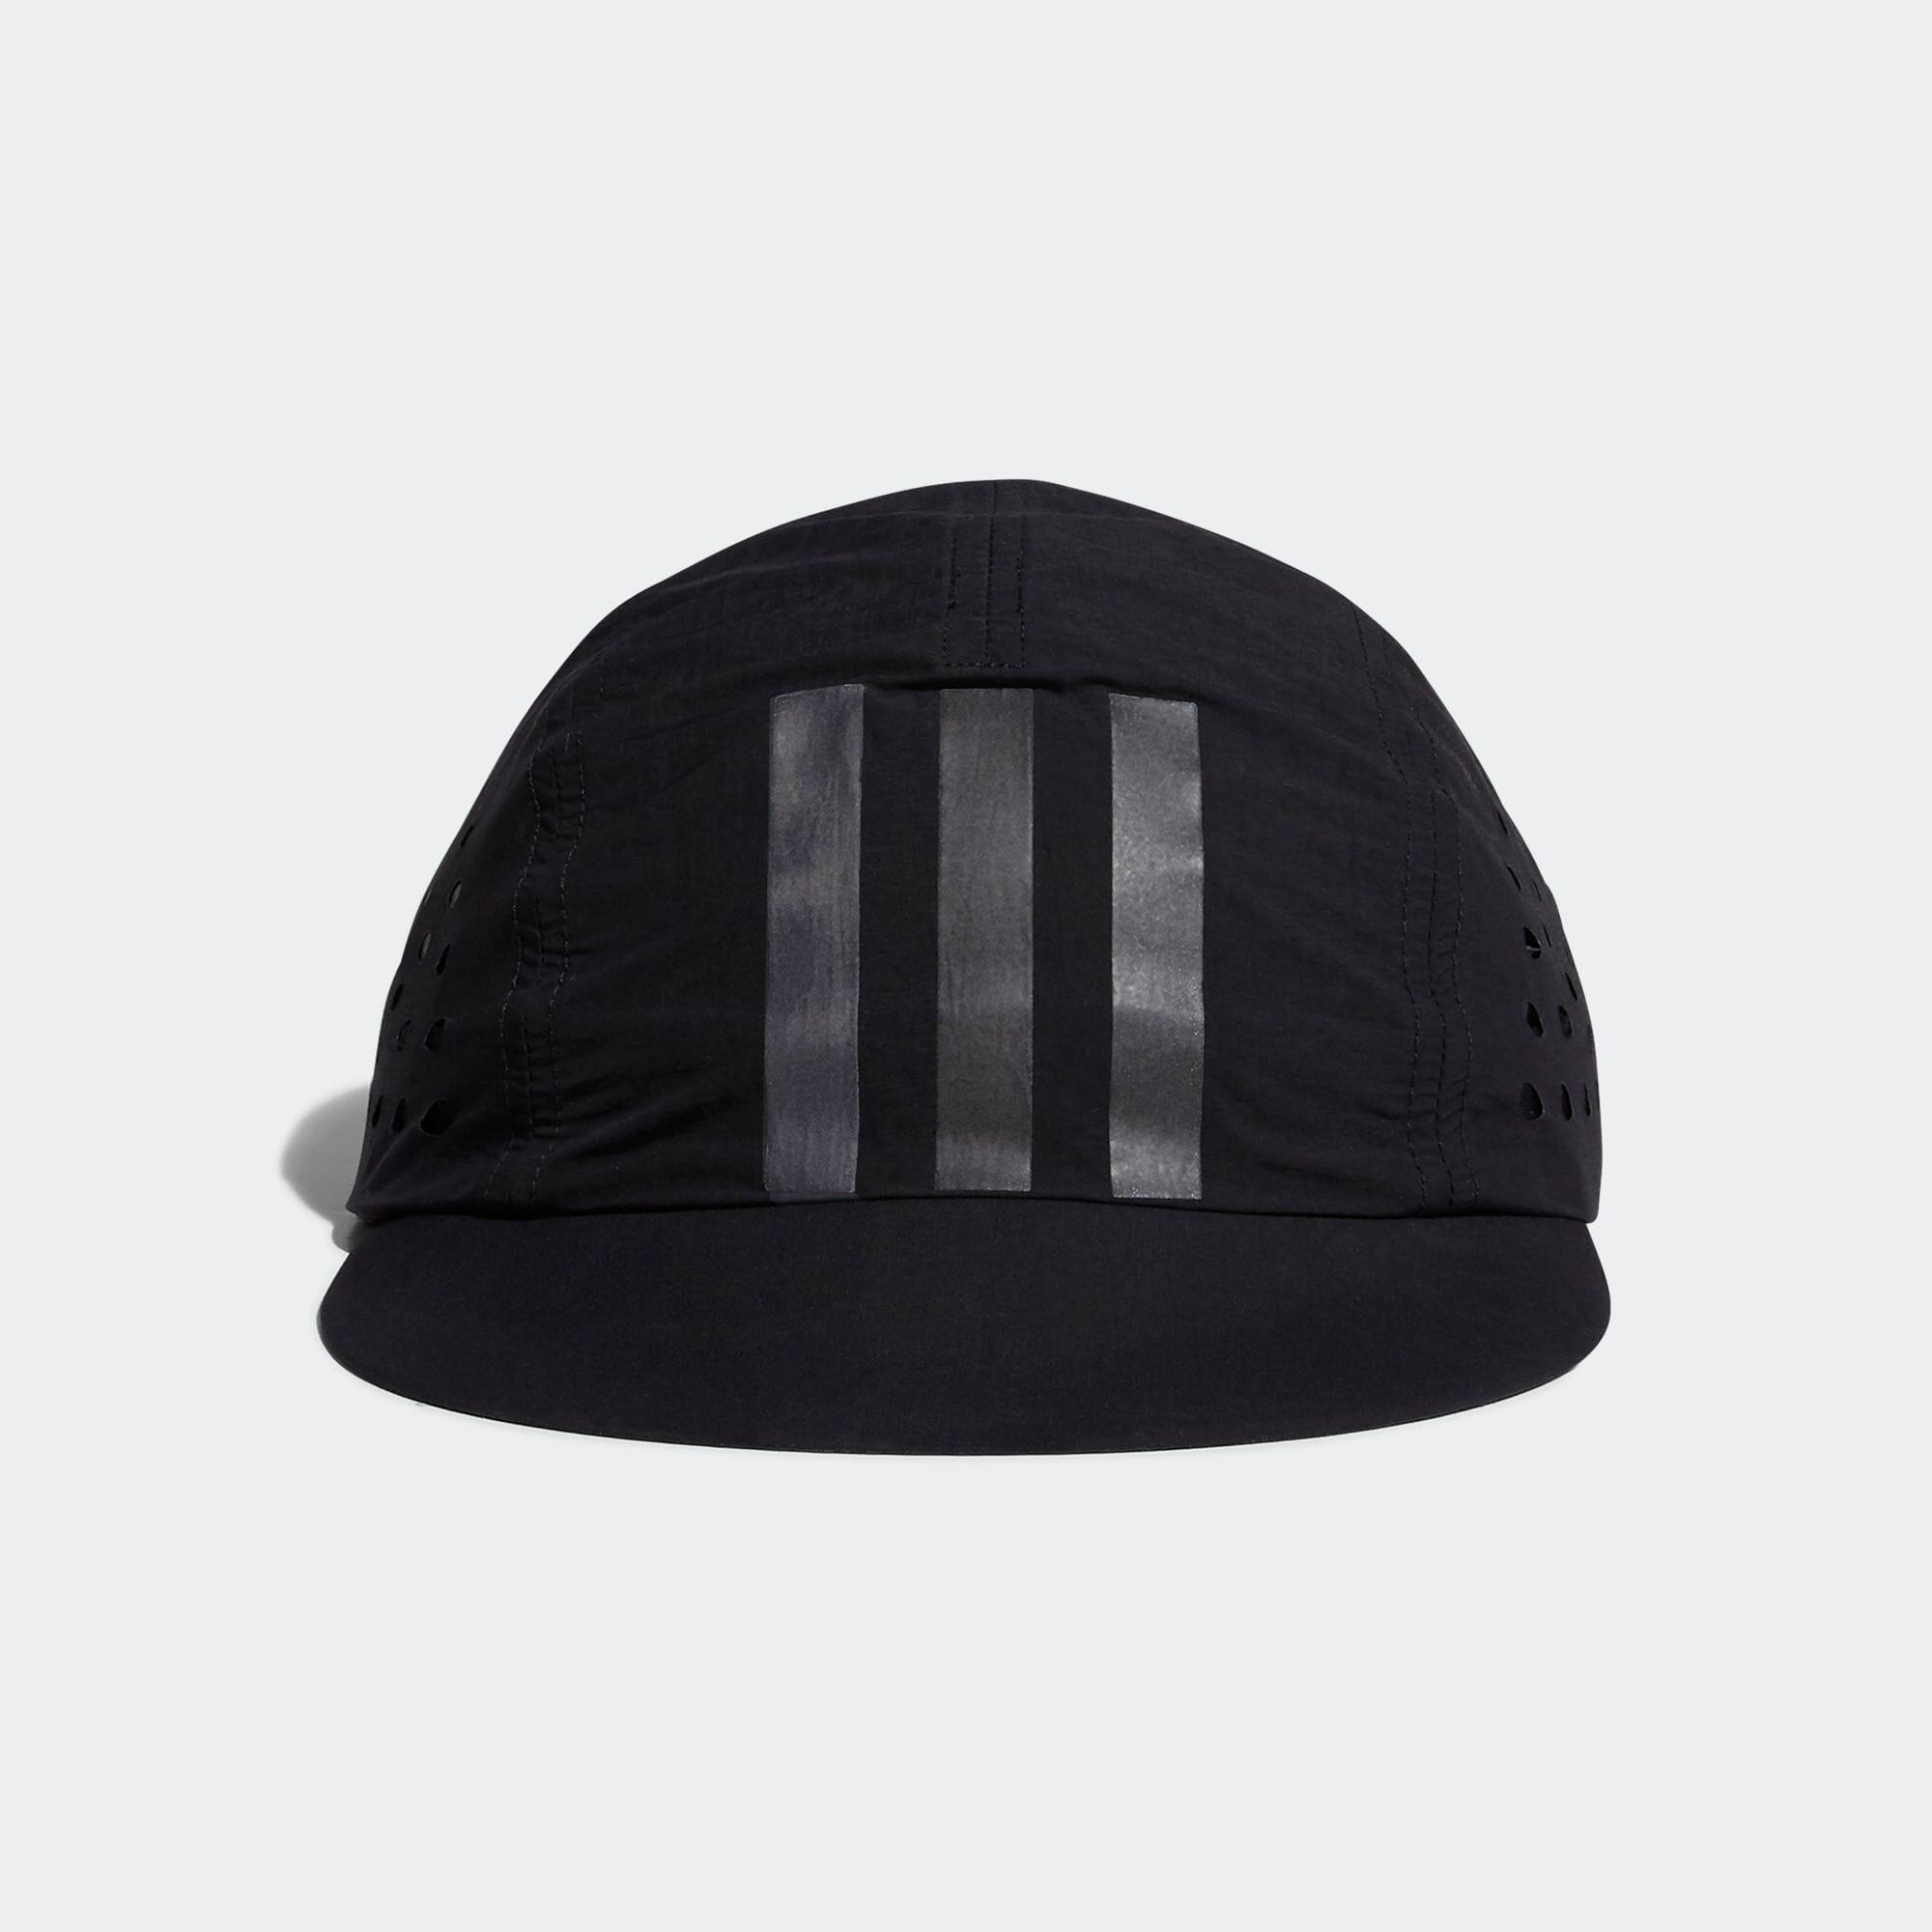 アディゼロ 軽量キャップ [Adizero Light Cap]